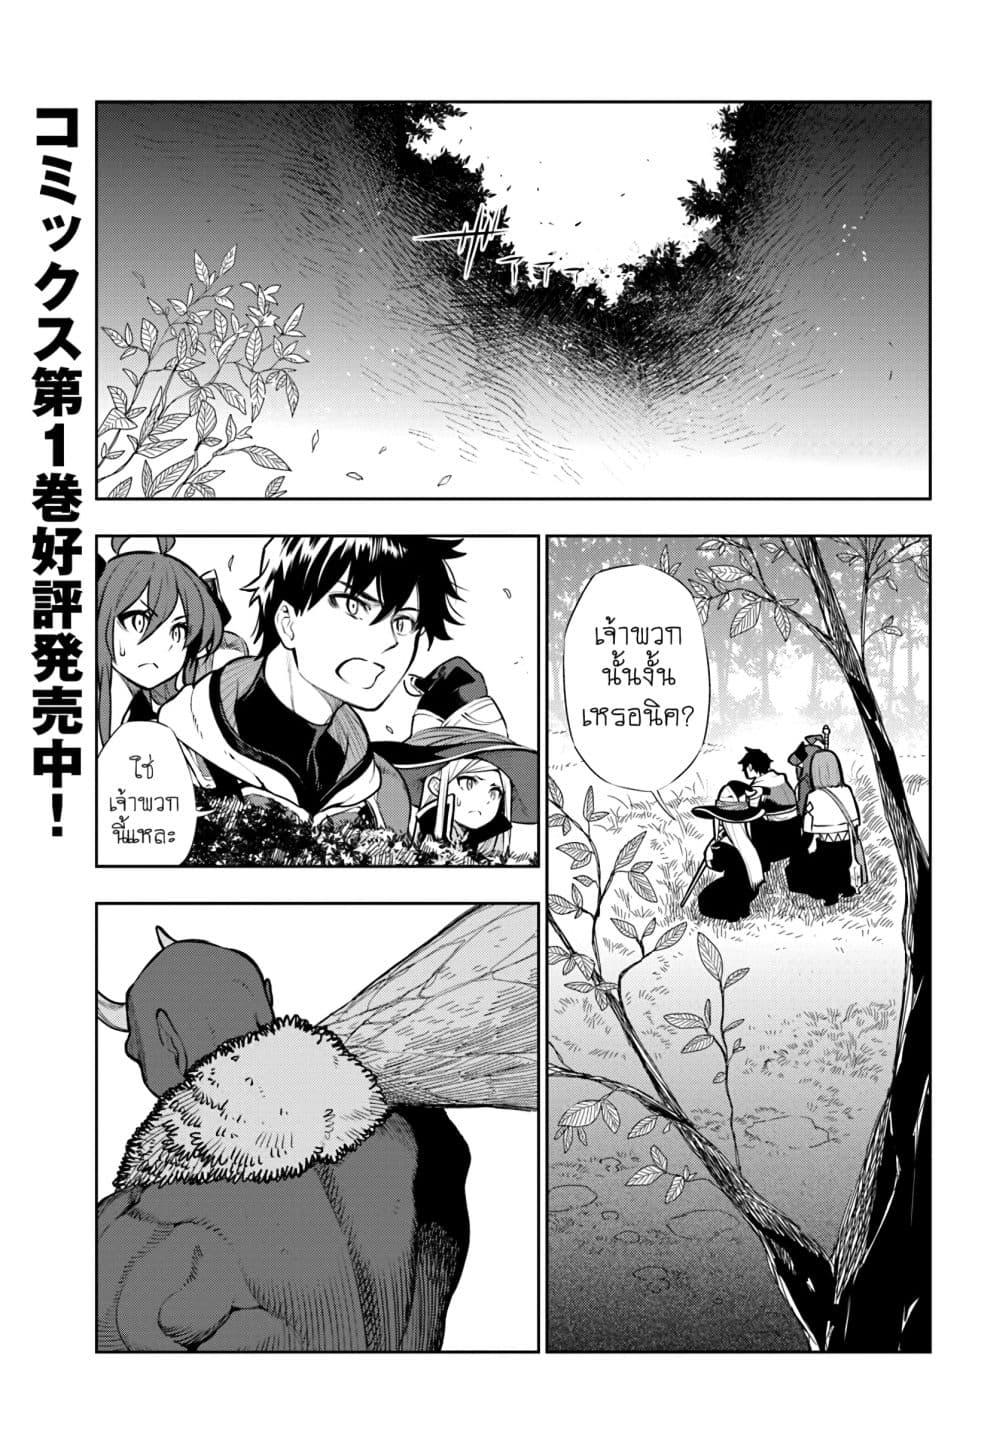 Ningen Fushin no Boukenshatachi ga Sekai o Sukuu Youdesu-ตอนที่ 10